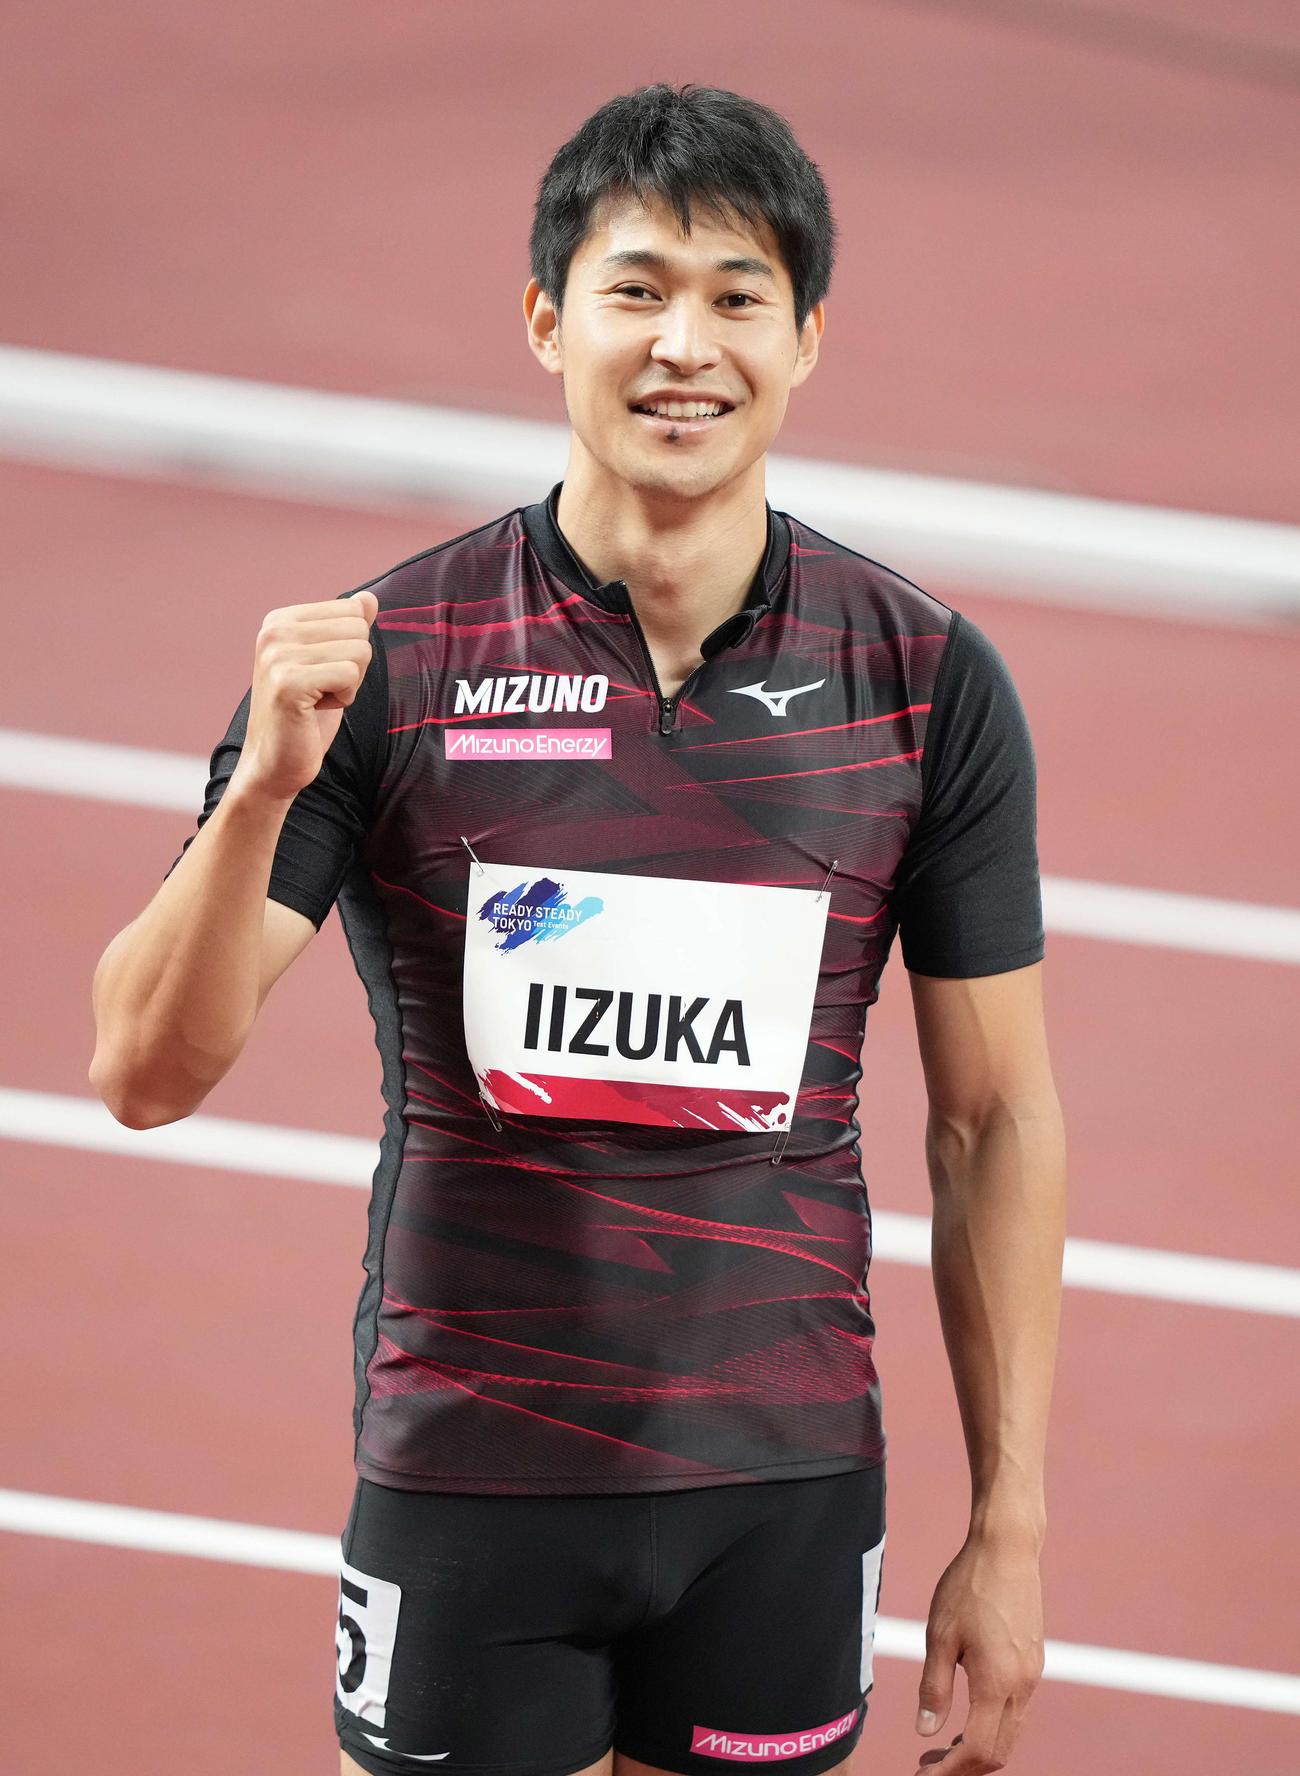 男子200メートルで優勝しガッツポーズする飯塚(撮影・鈴木みどり)